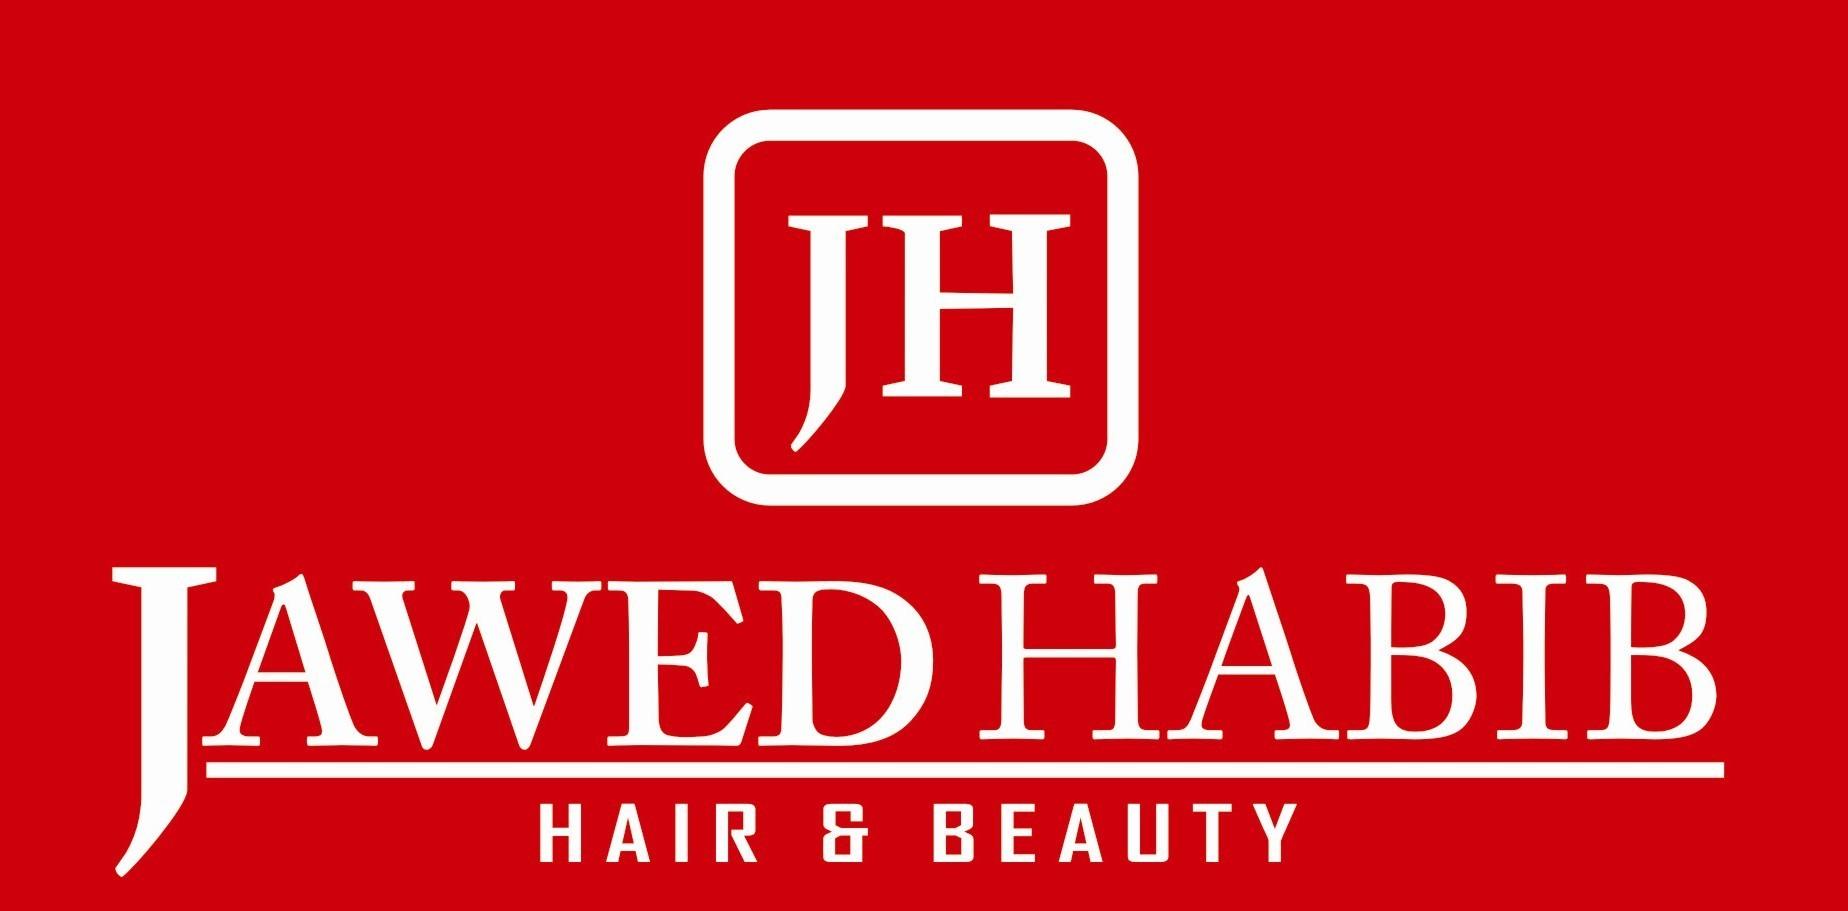 Jawed Habib Hair & Beauty Salons - Padma Rao Nagar - Secunderabad Image